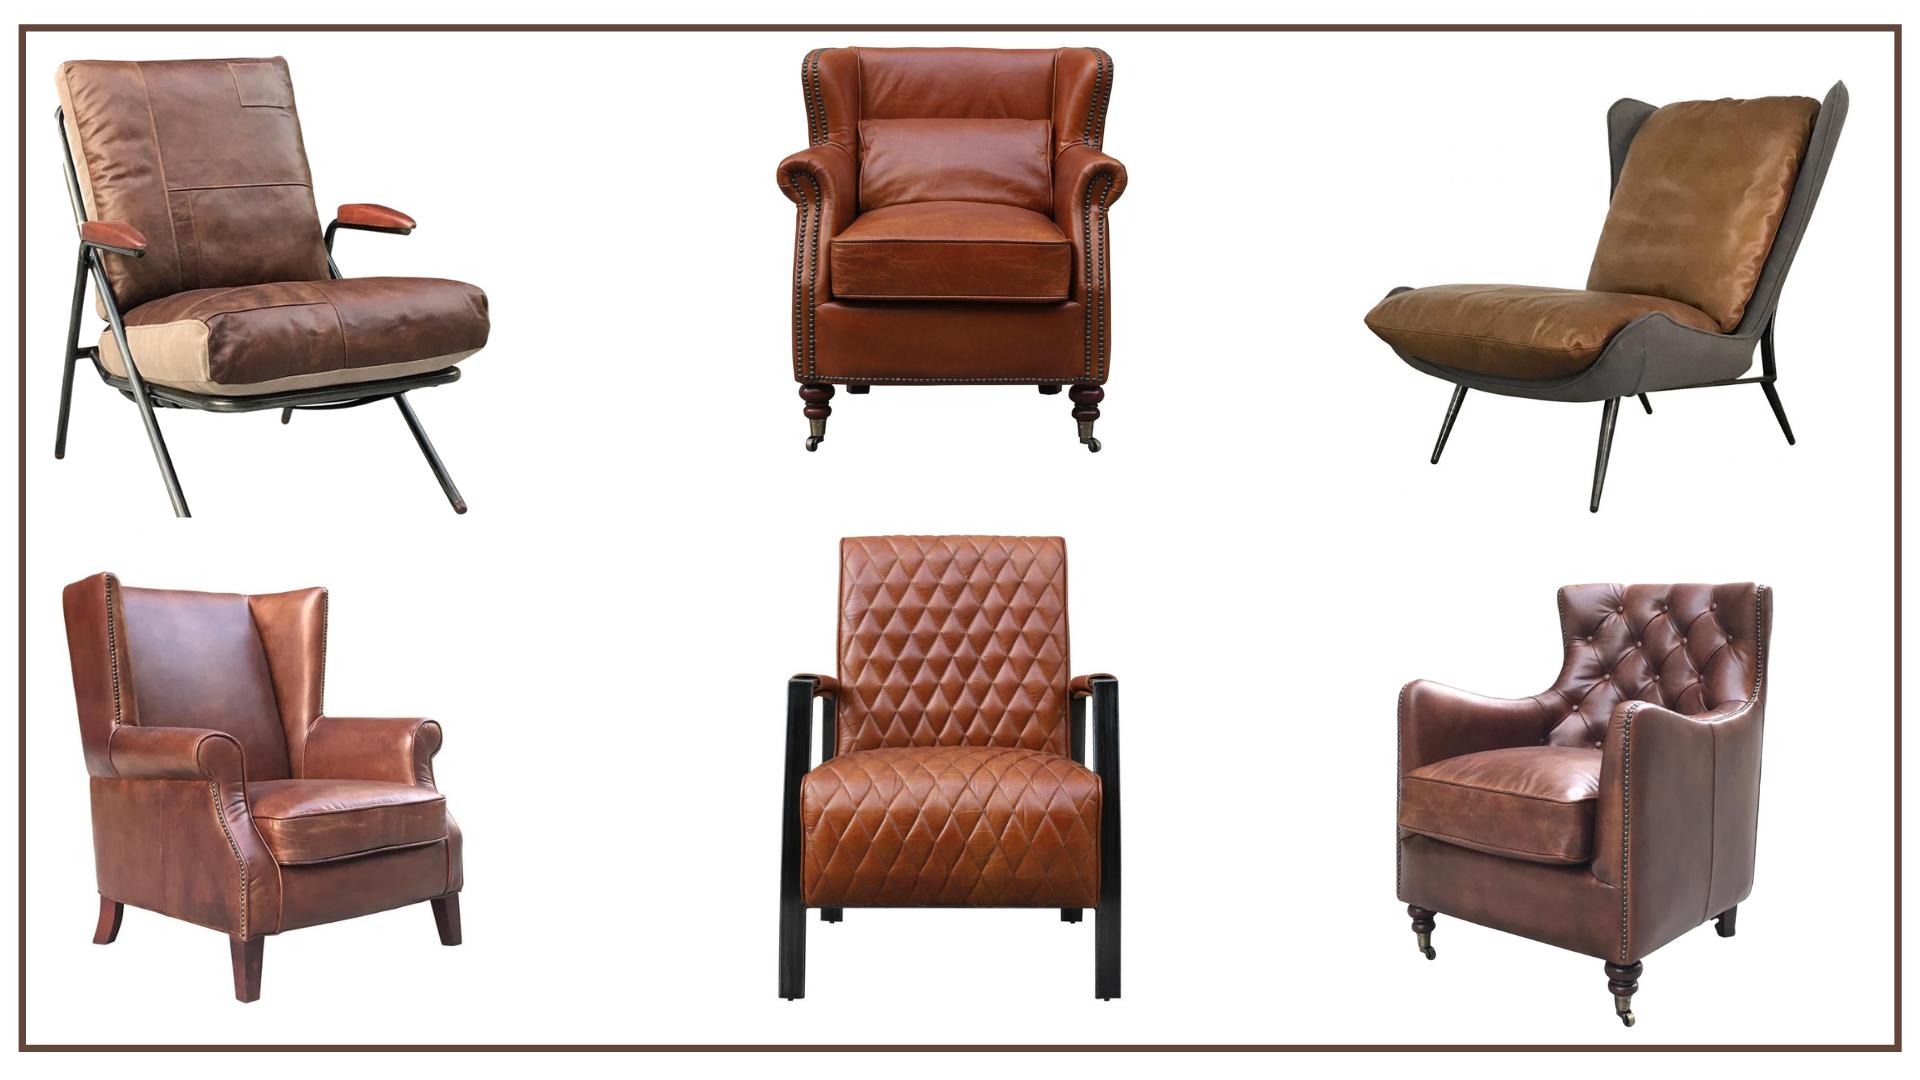 כורסאות מעוצבות לבית ולמשרד